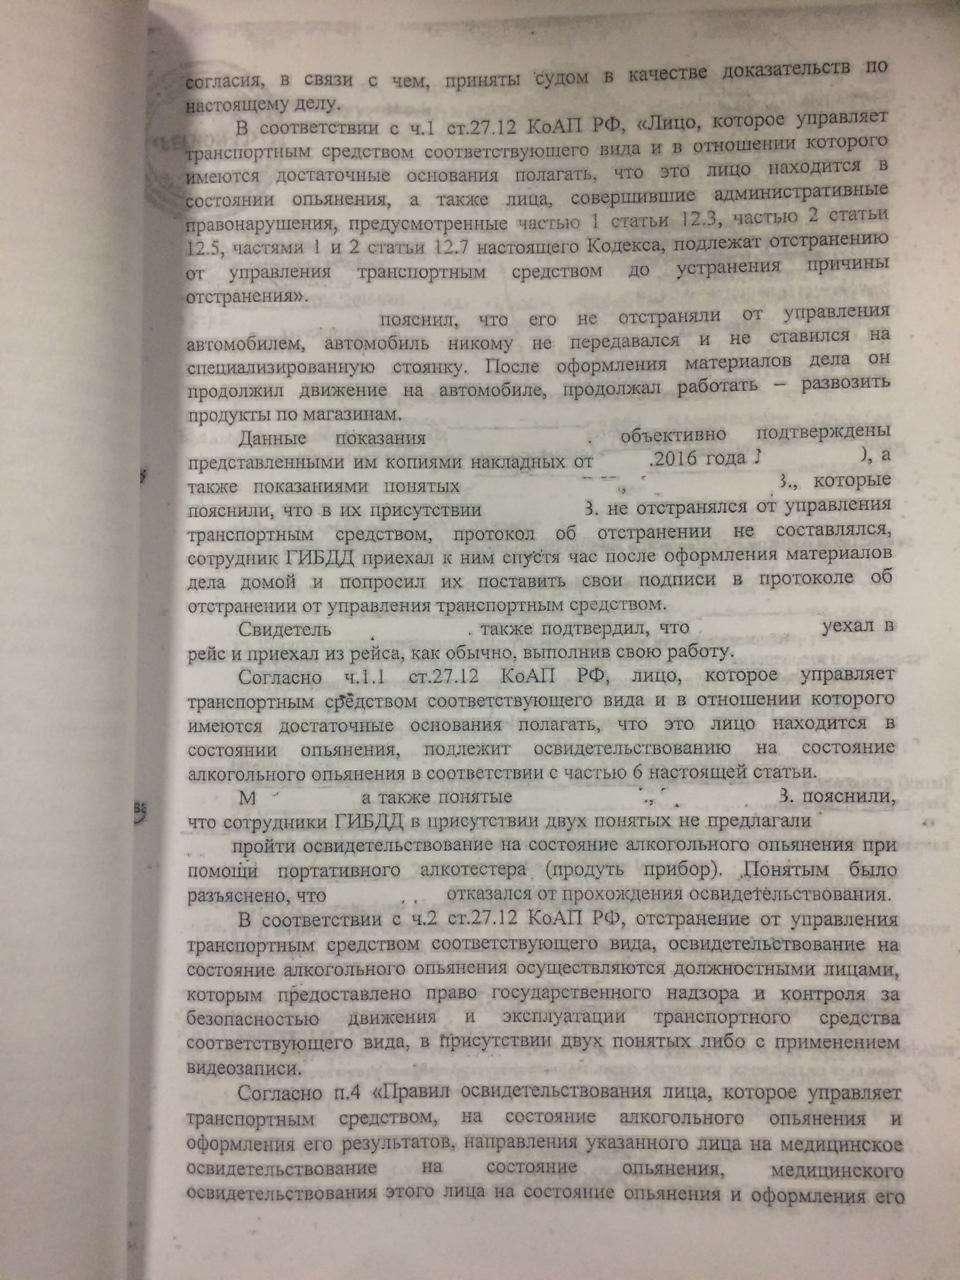 Разводки ГИБДД: как нелишиться прав заотказ отмедосвидетельствования— фото 927377